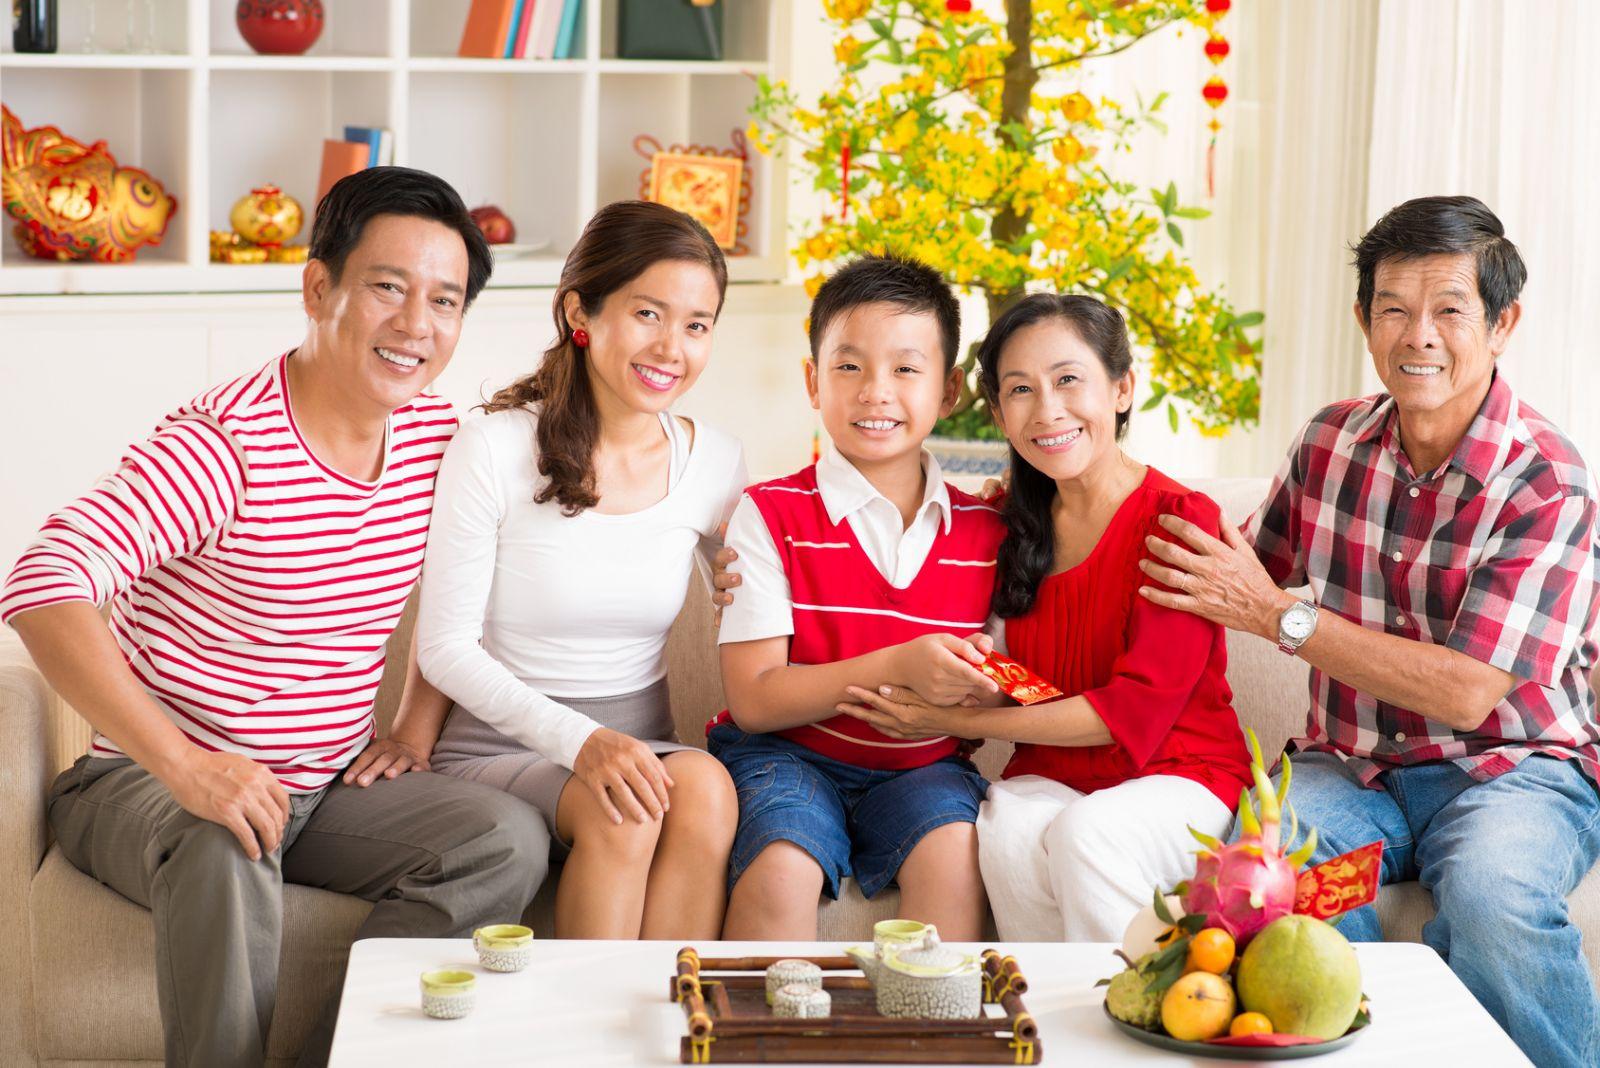 Lì xì đầu năm là một trong những phong tục tập quán tốt đẹp của ngời Việt trong dịp tết nguyên đán